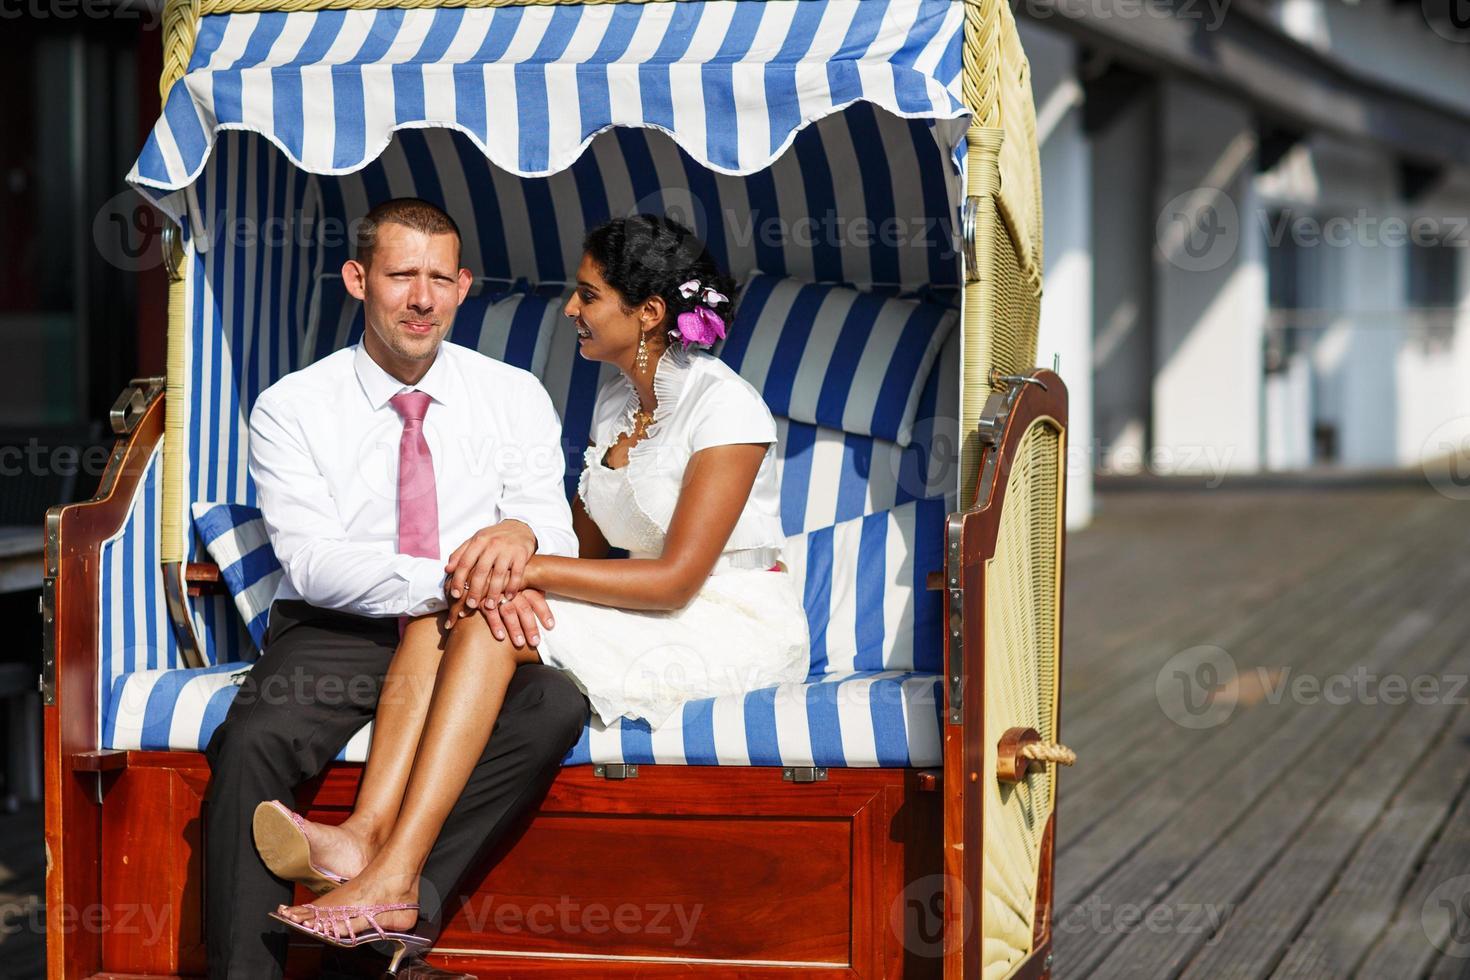 schöne indische Frau und kaukasischer Mann, im Strandkorb. foto